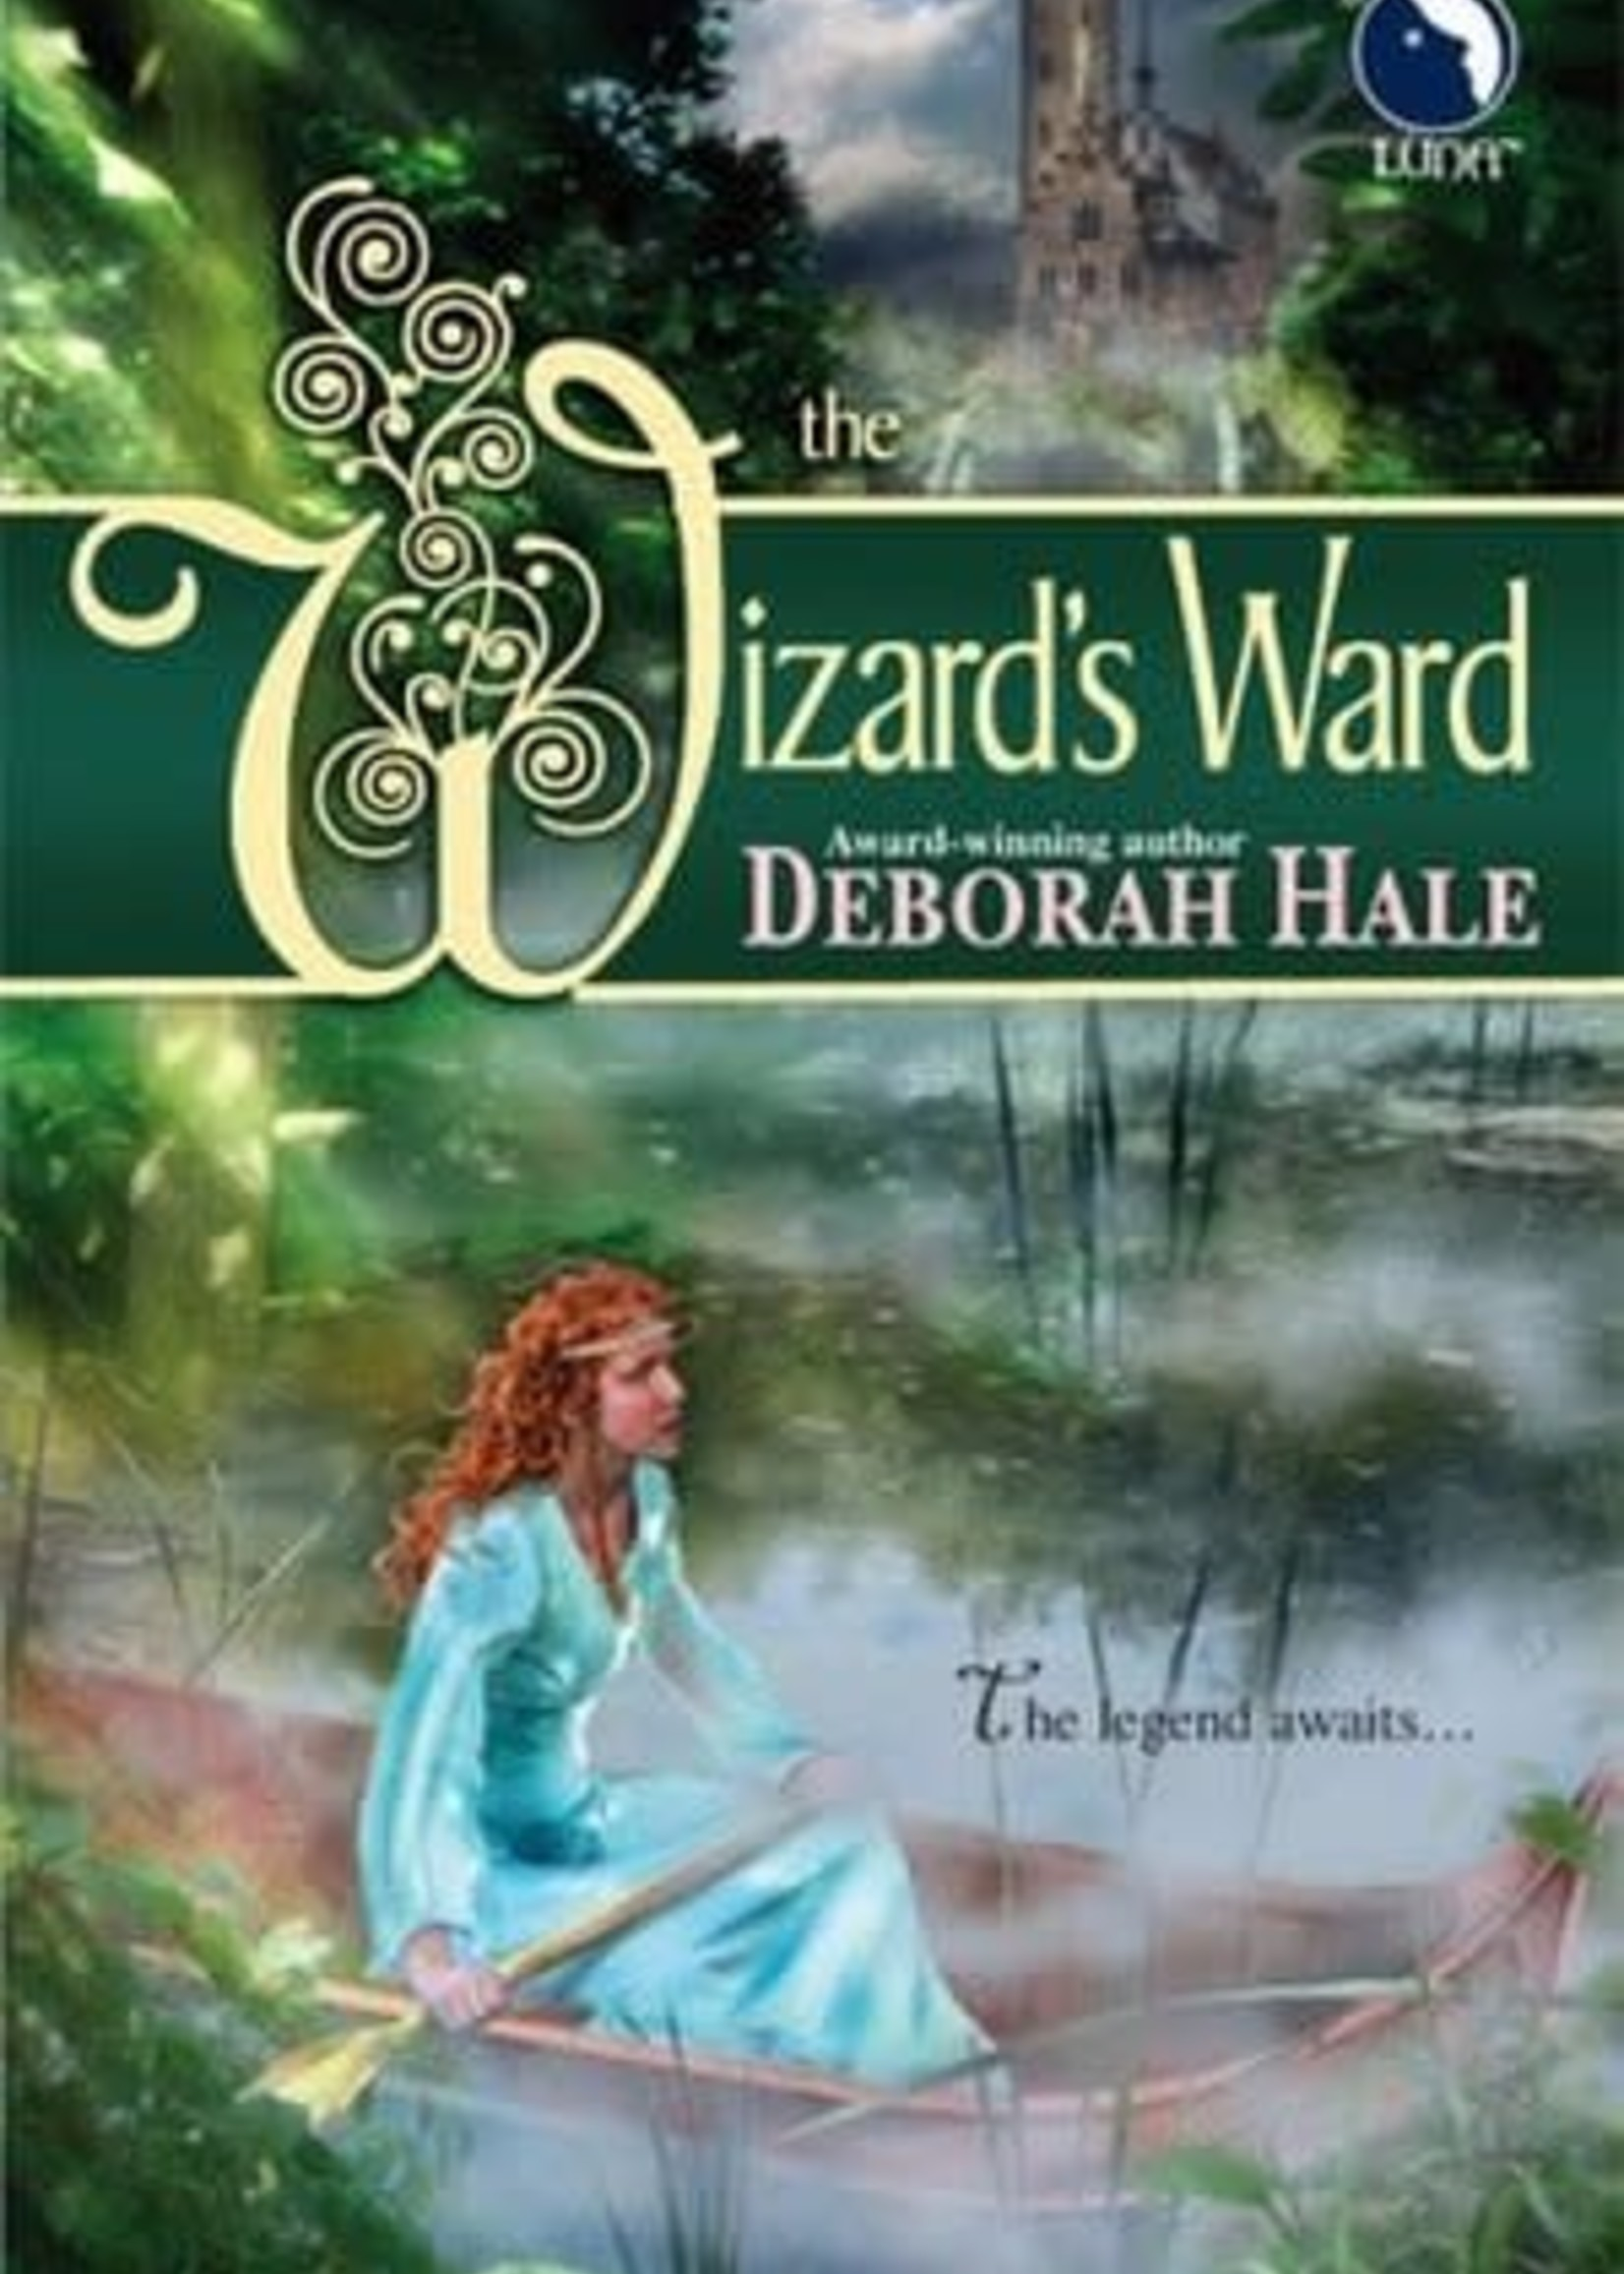 The Wizard's Ward by Deborah Hale